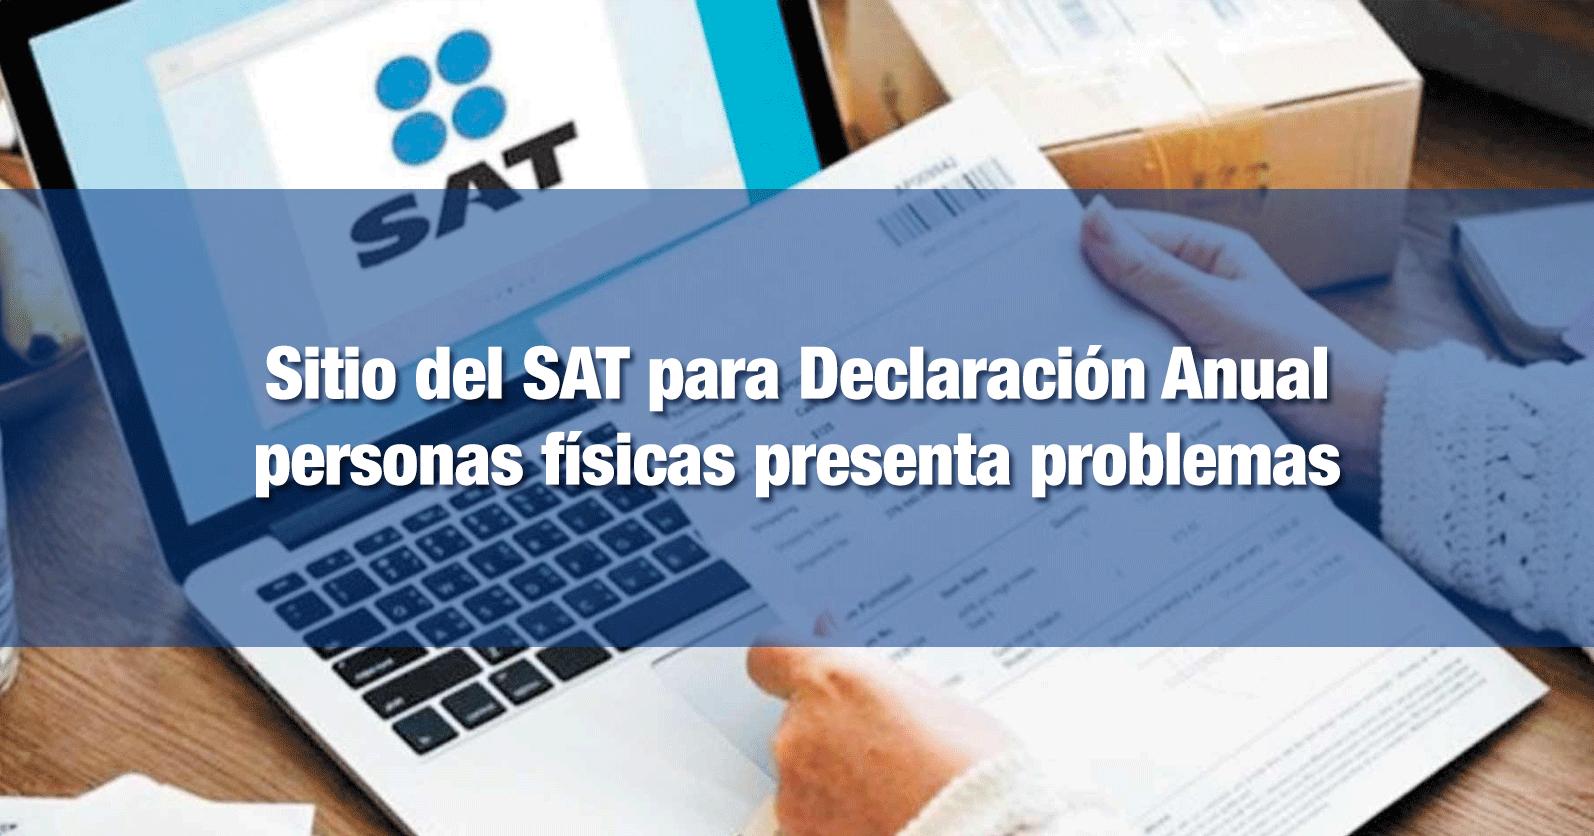 Sitio del SAT para Declaración Anual personas físicas presenta problemas